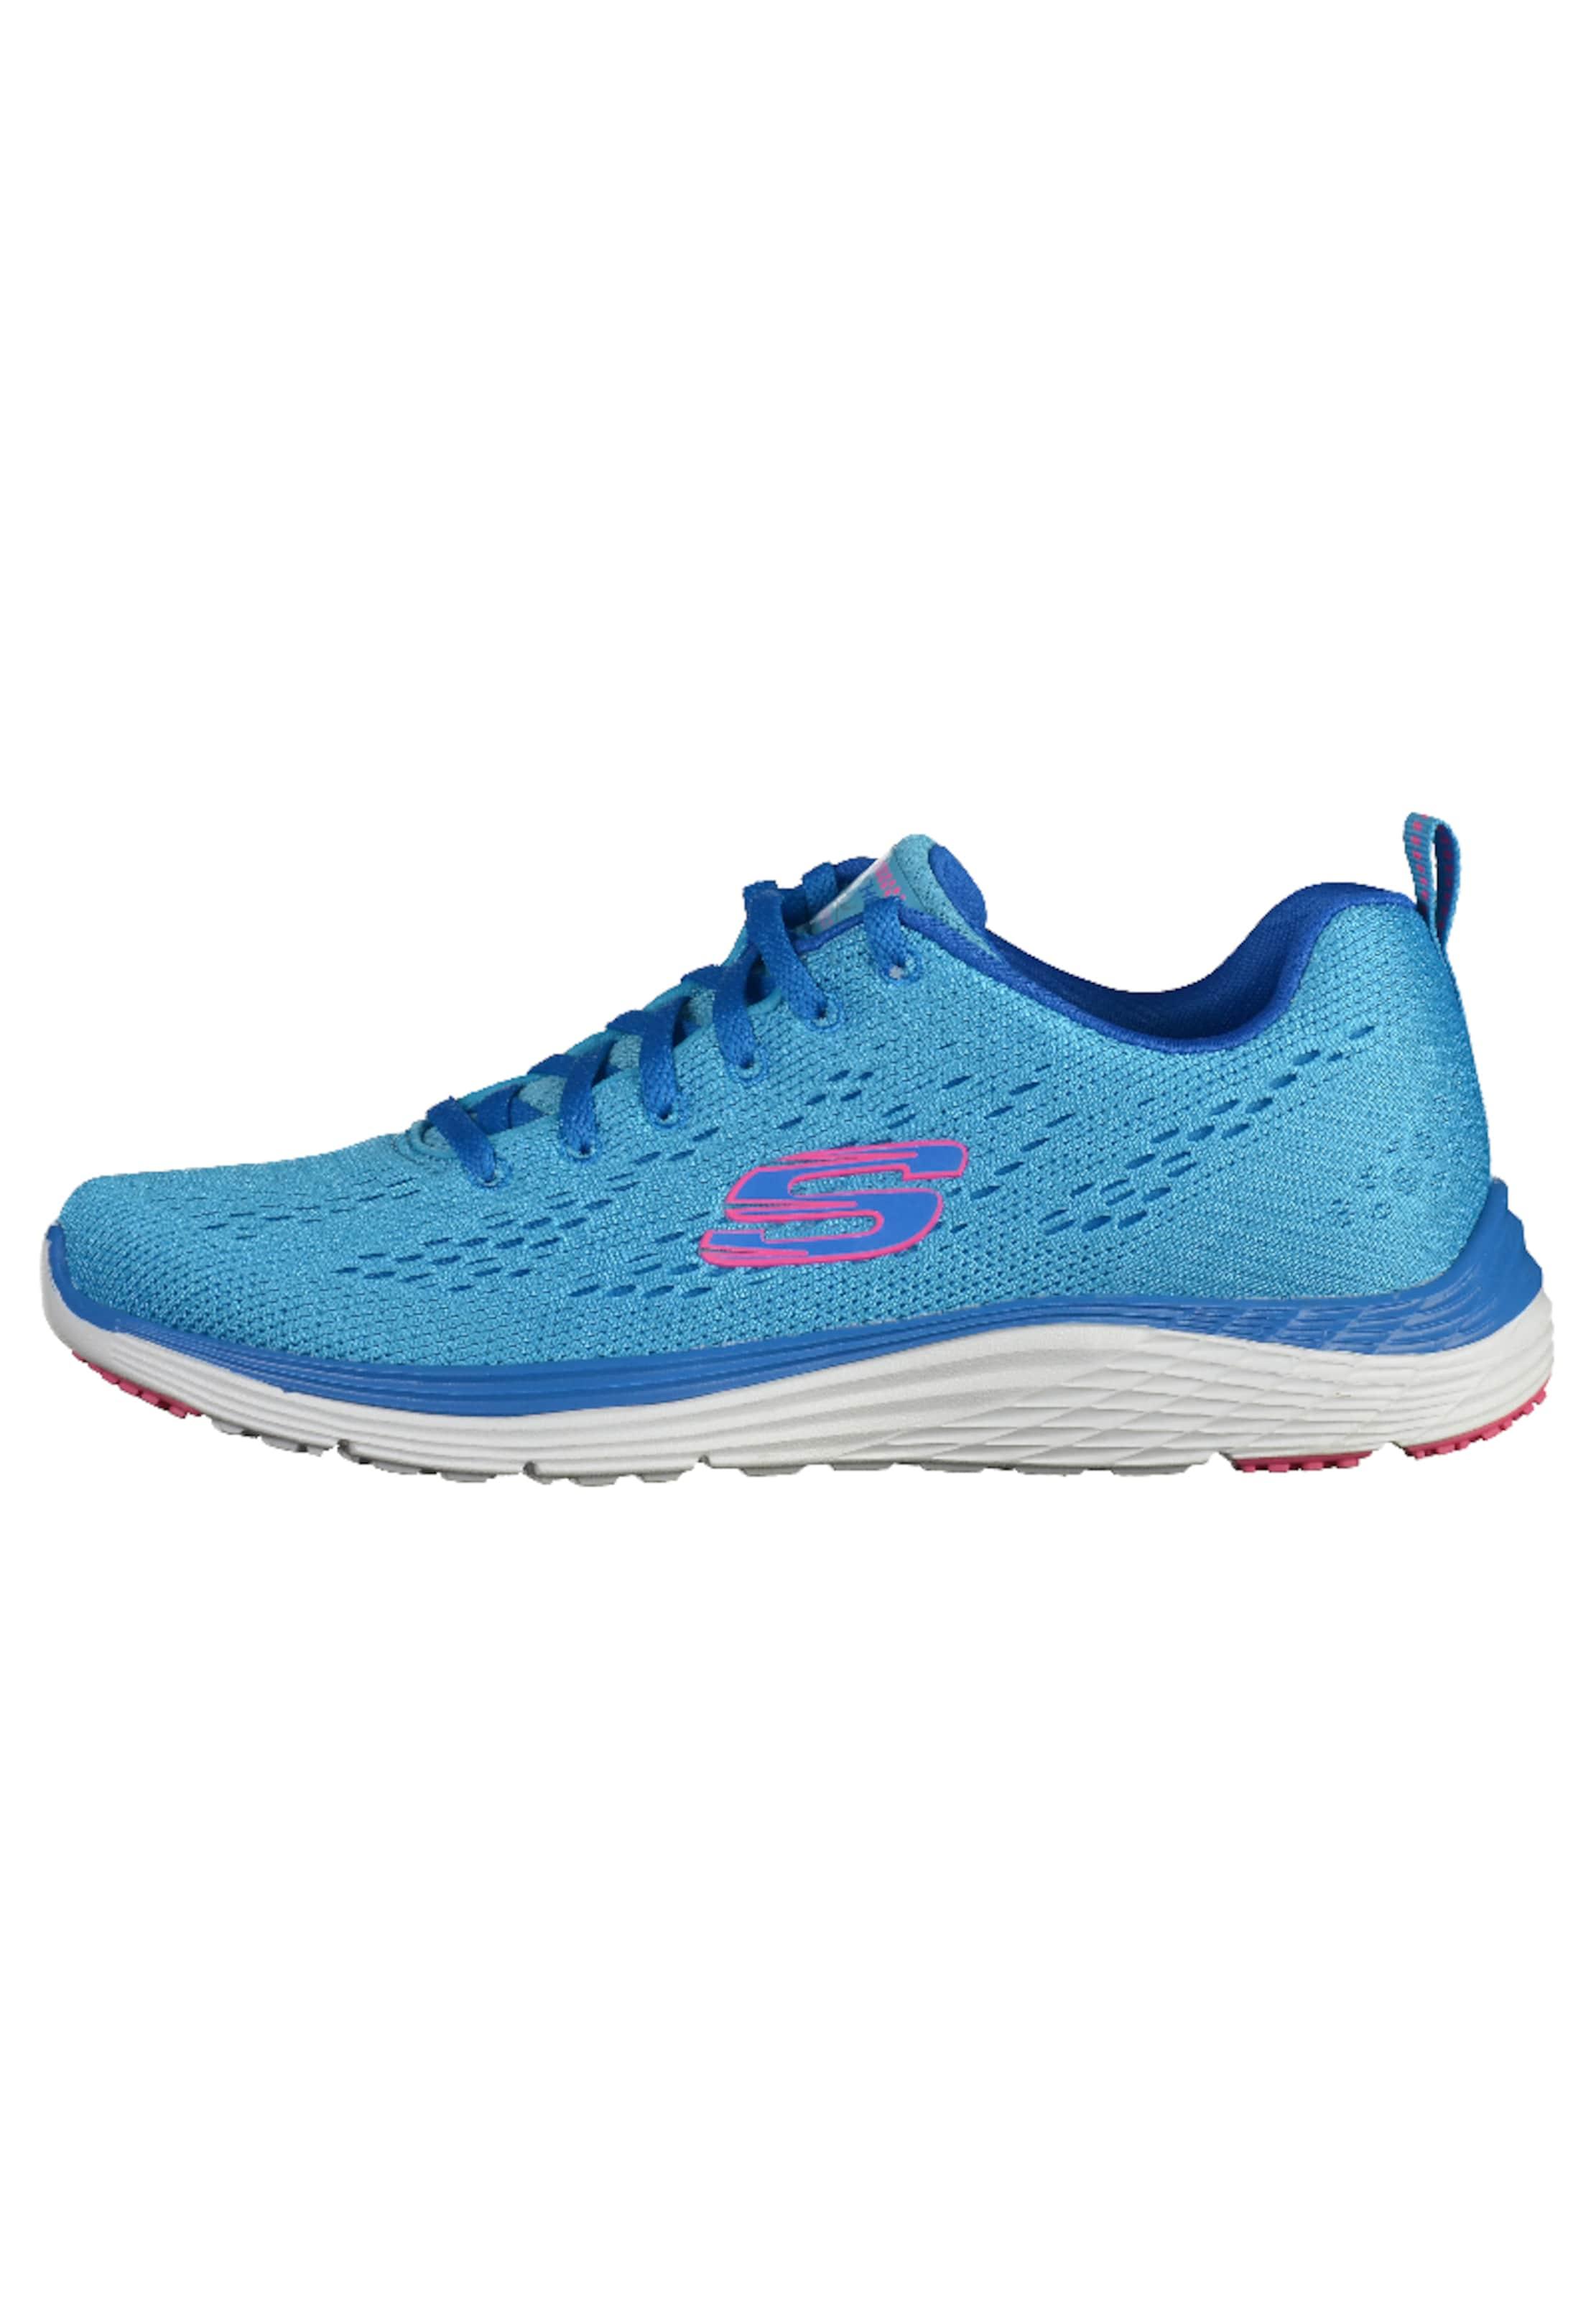 Blau In In Blau Sneaker Skechers Sneaker Skechers Sneaker Skechers q5Rc34jLA